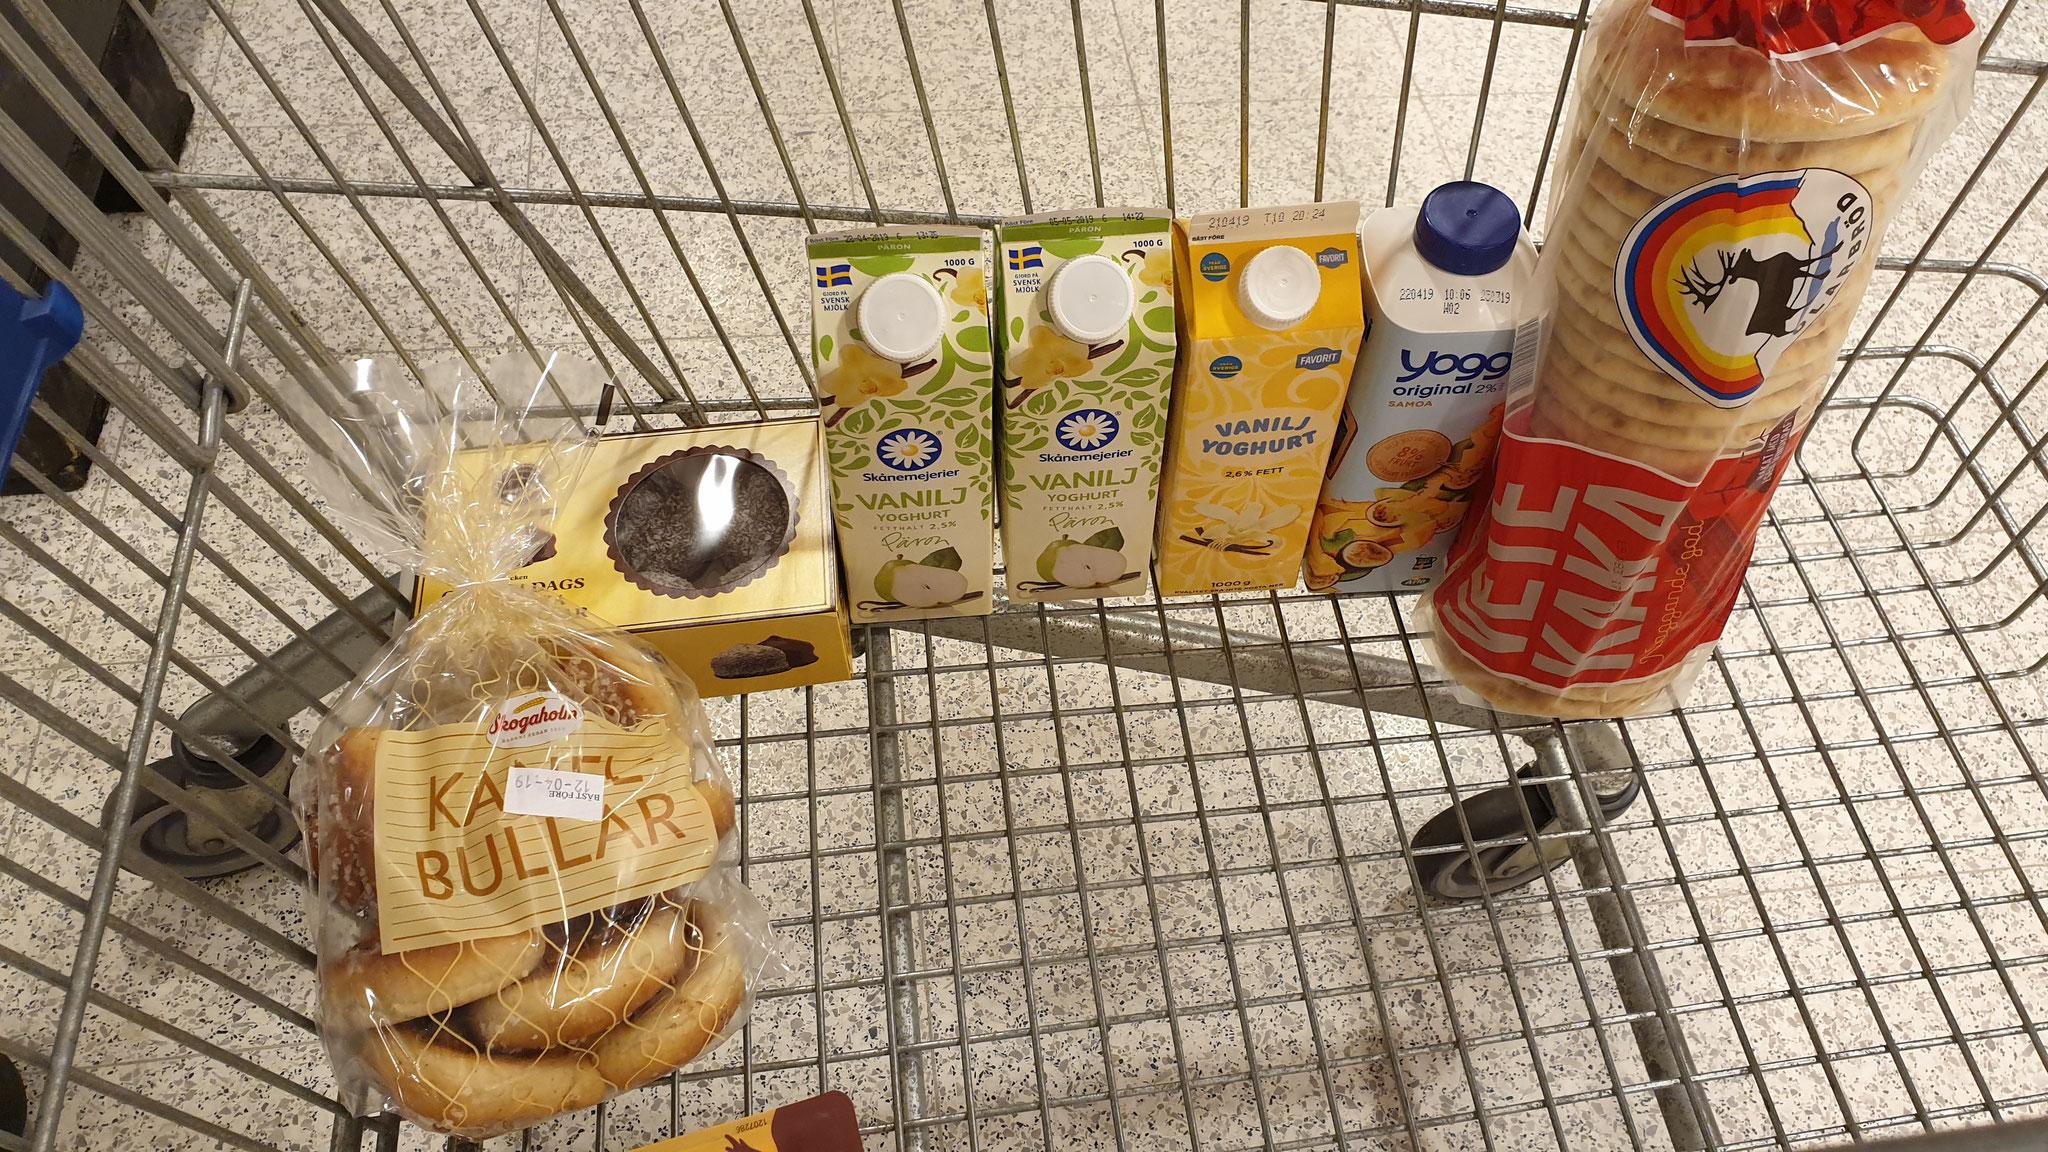 Birnenjoghurt und Zimtbullar...